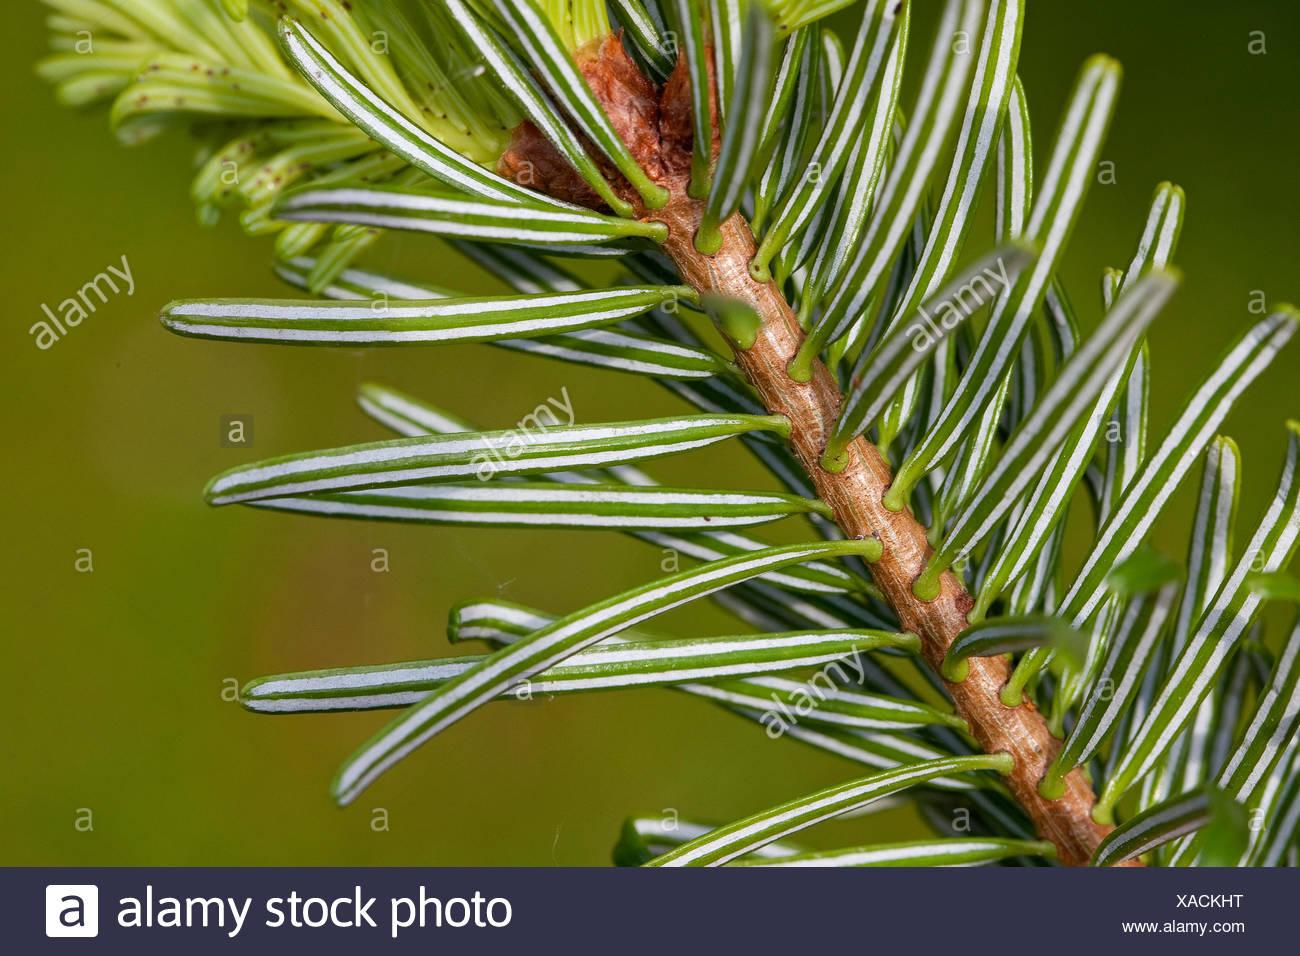 Nordmann Fir, Caucasian Fir, Christmas Tree (Abies nordmanniana), lower side of a branch - Stock Image